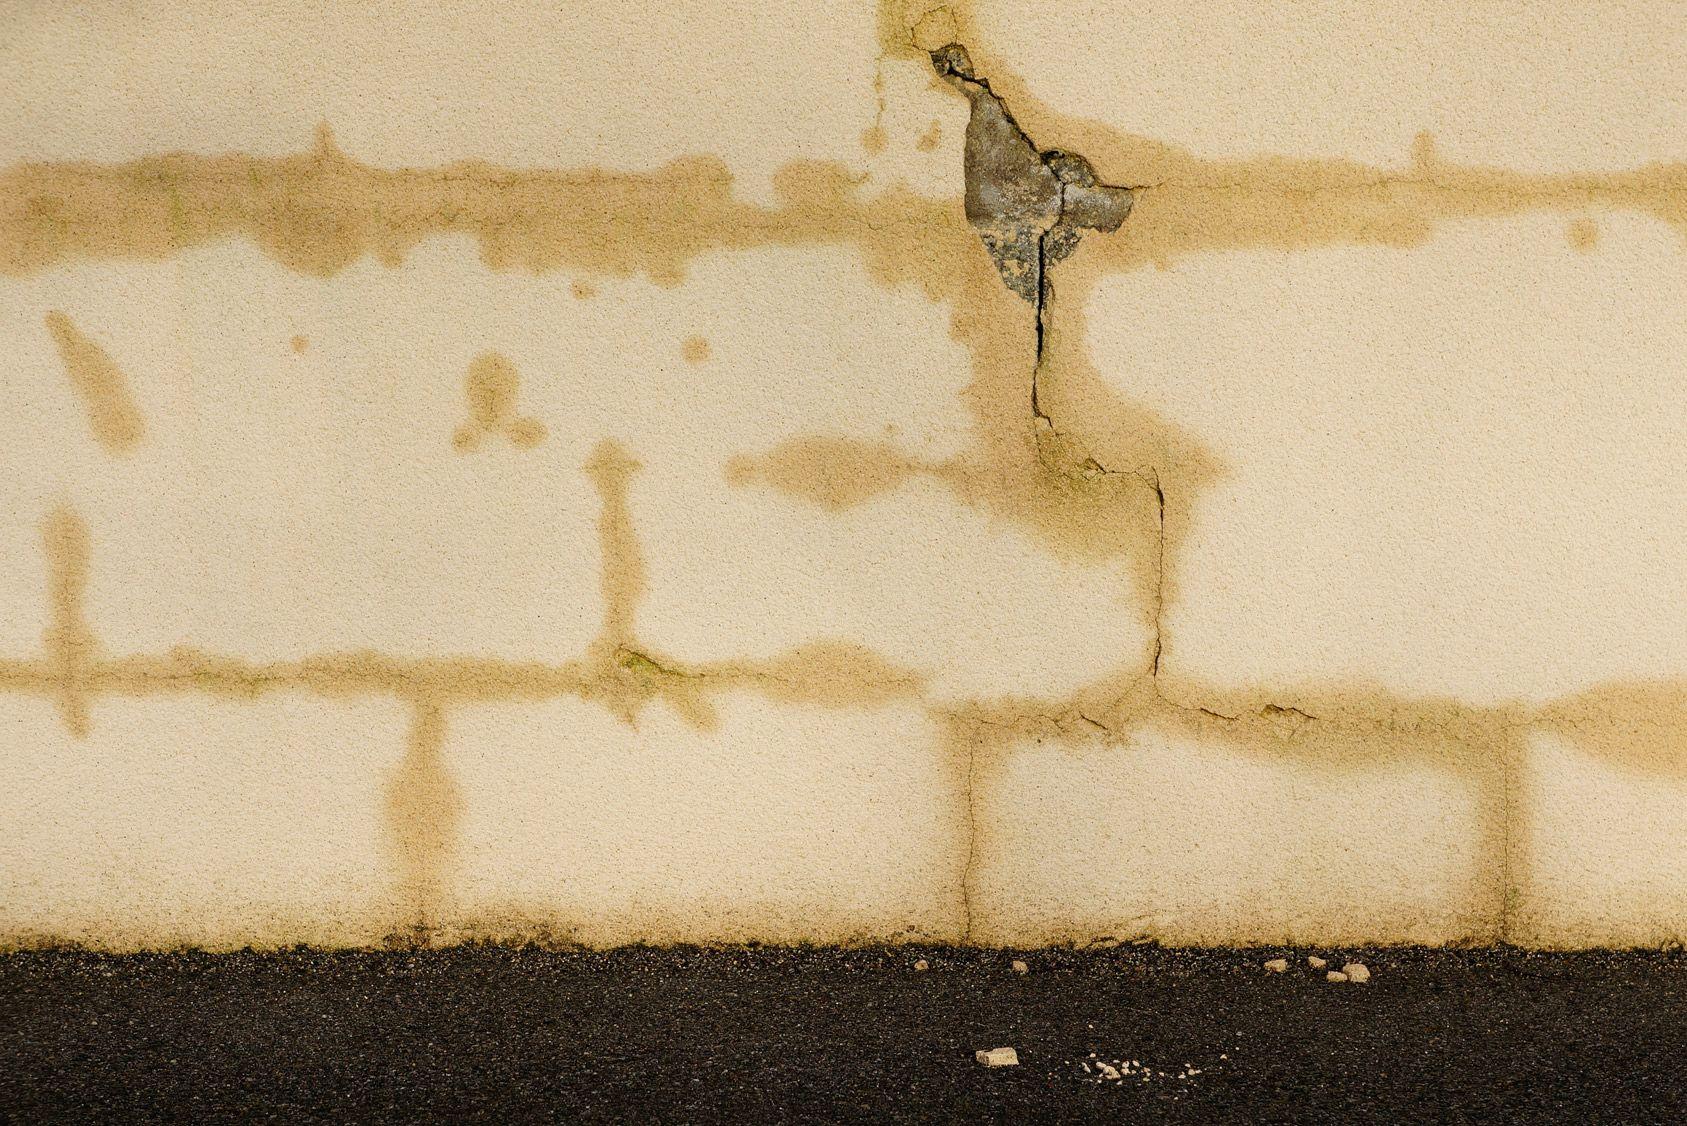 Le mur de la copropriété voisine inonde notre cave